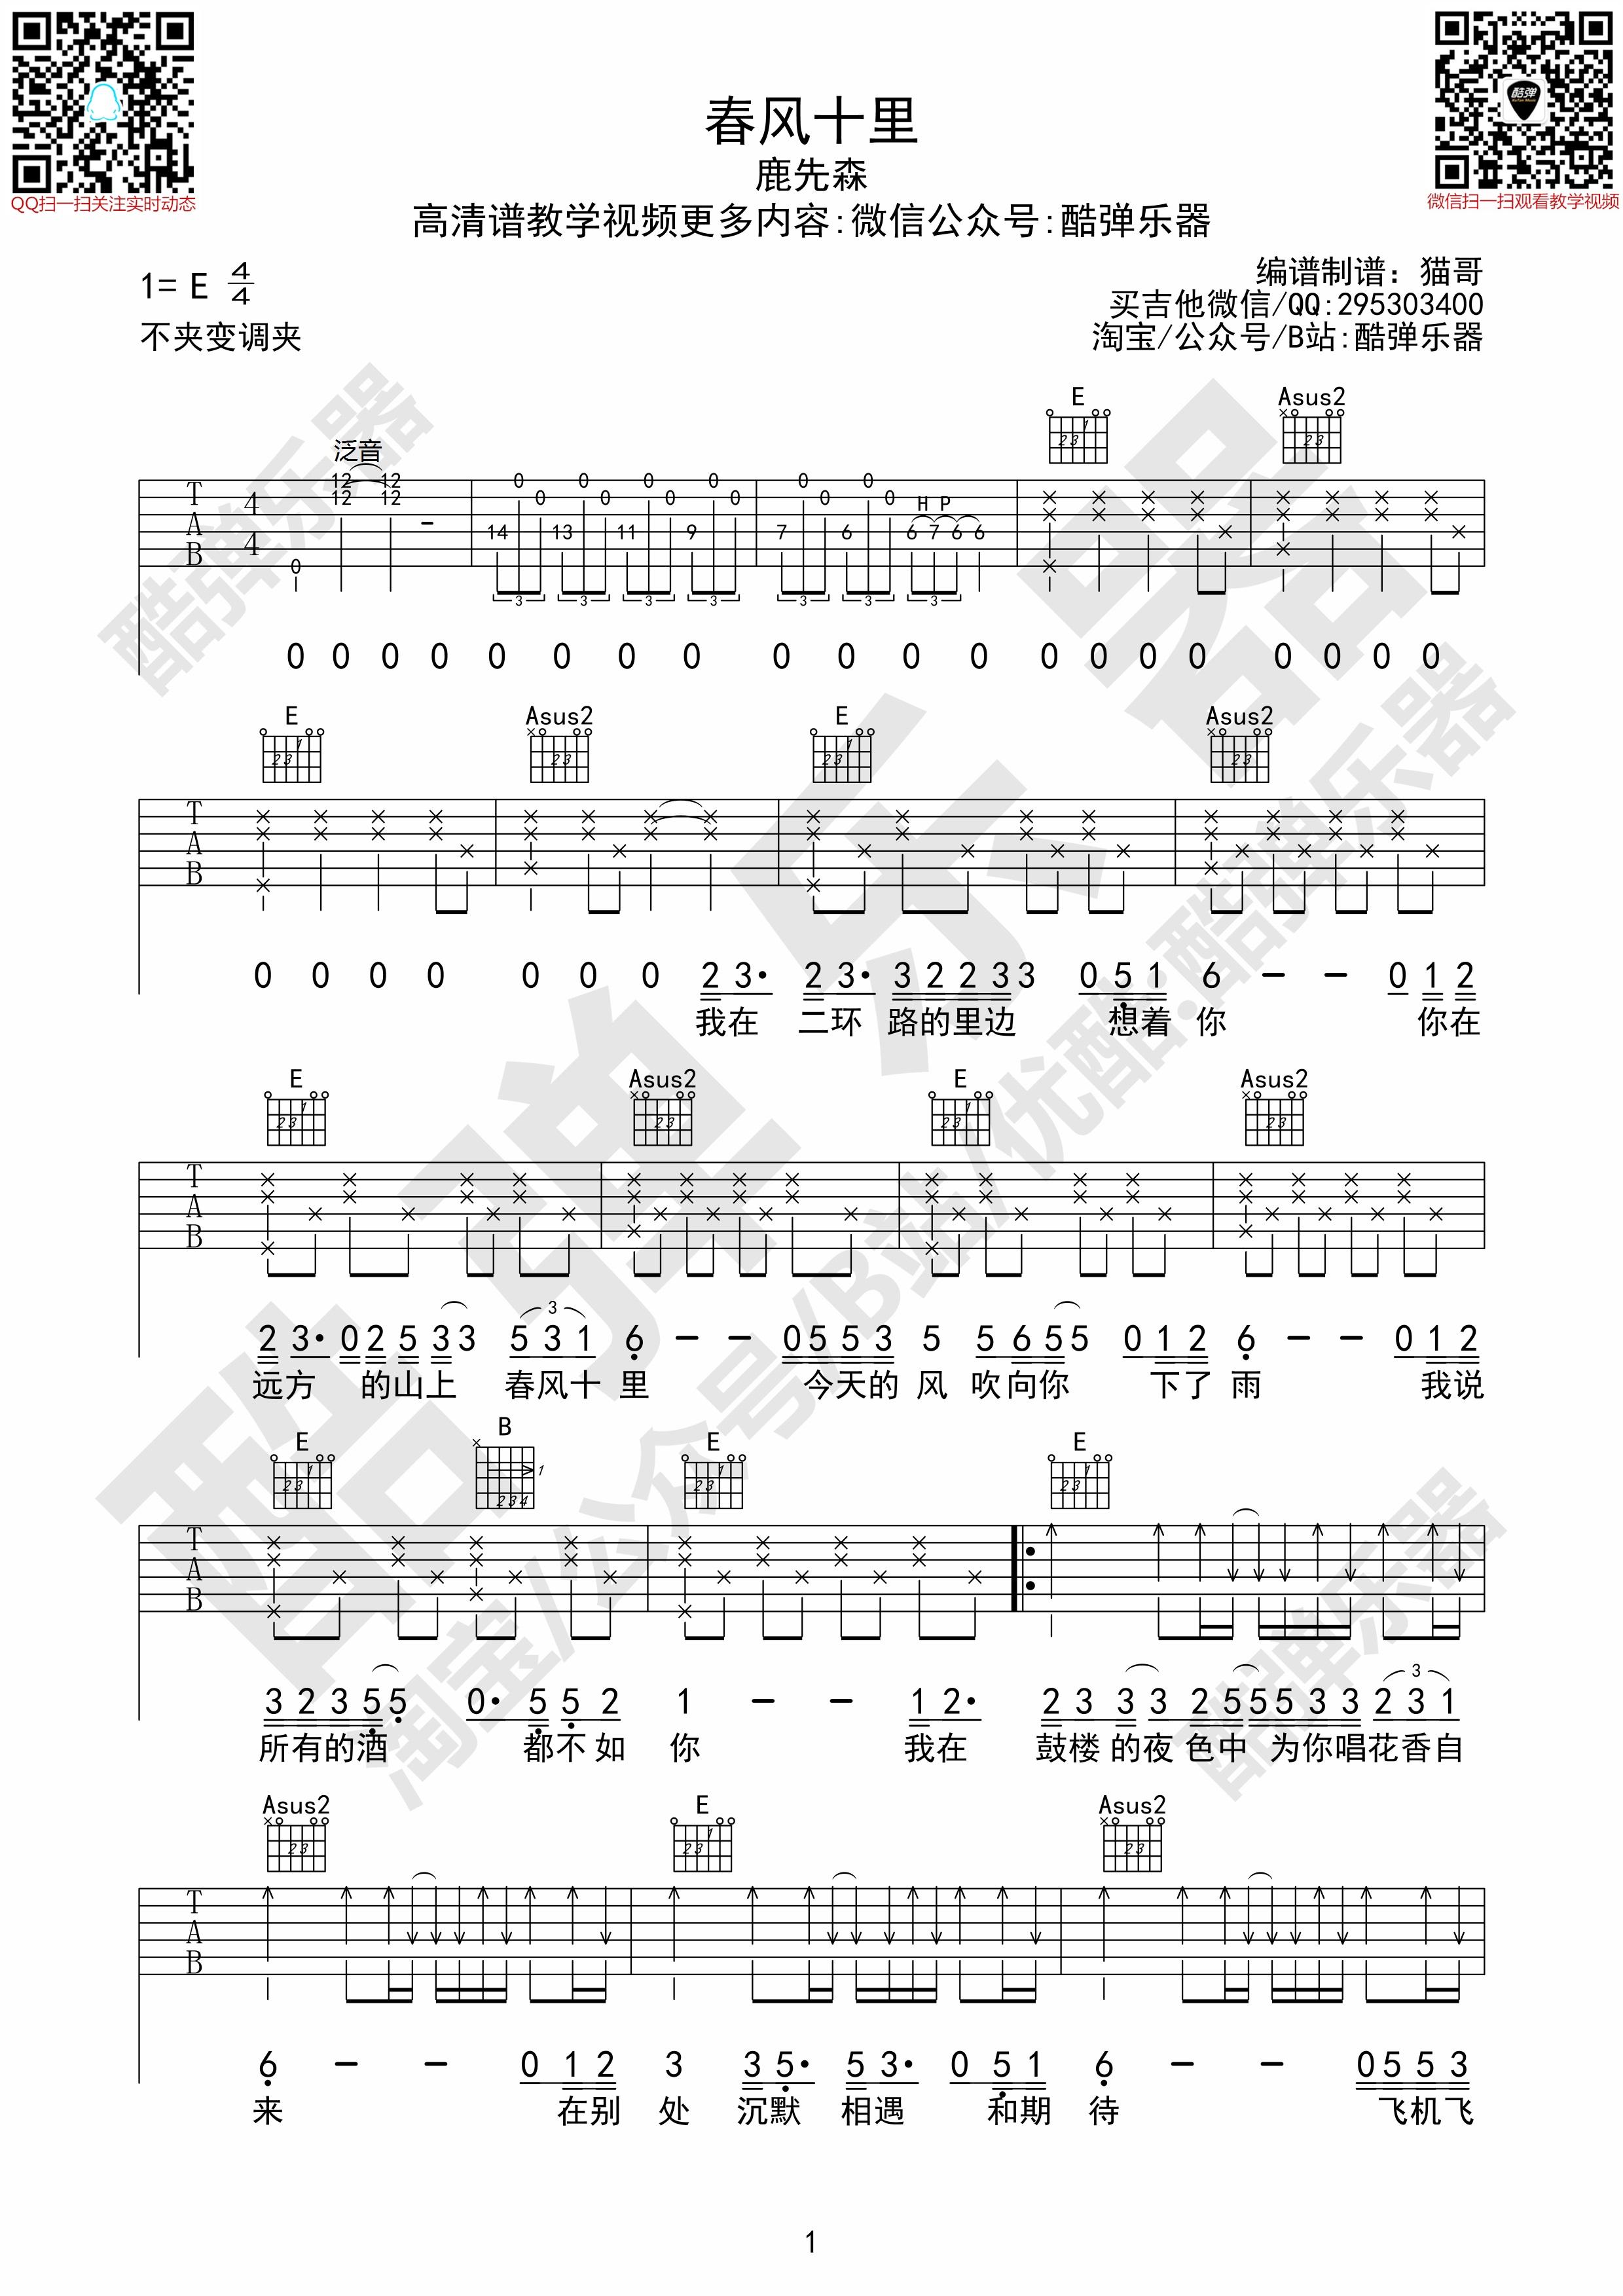 吉他派《春风十里》吉他谱酷弹版-1